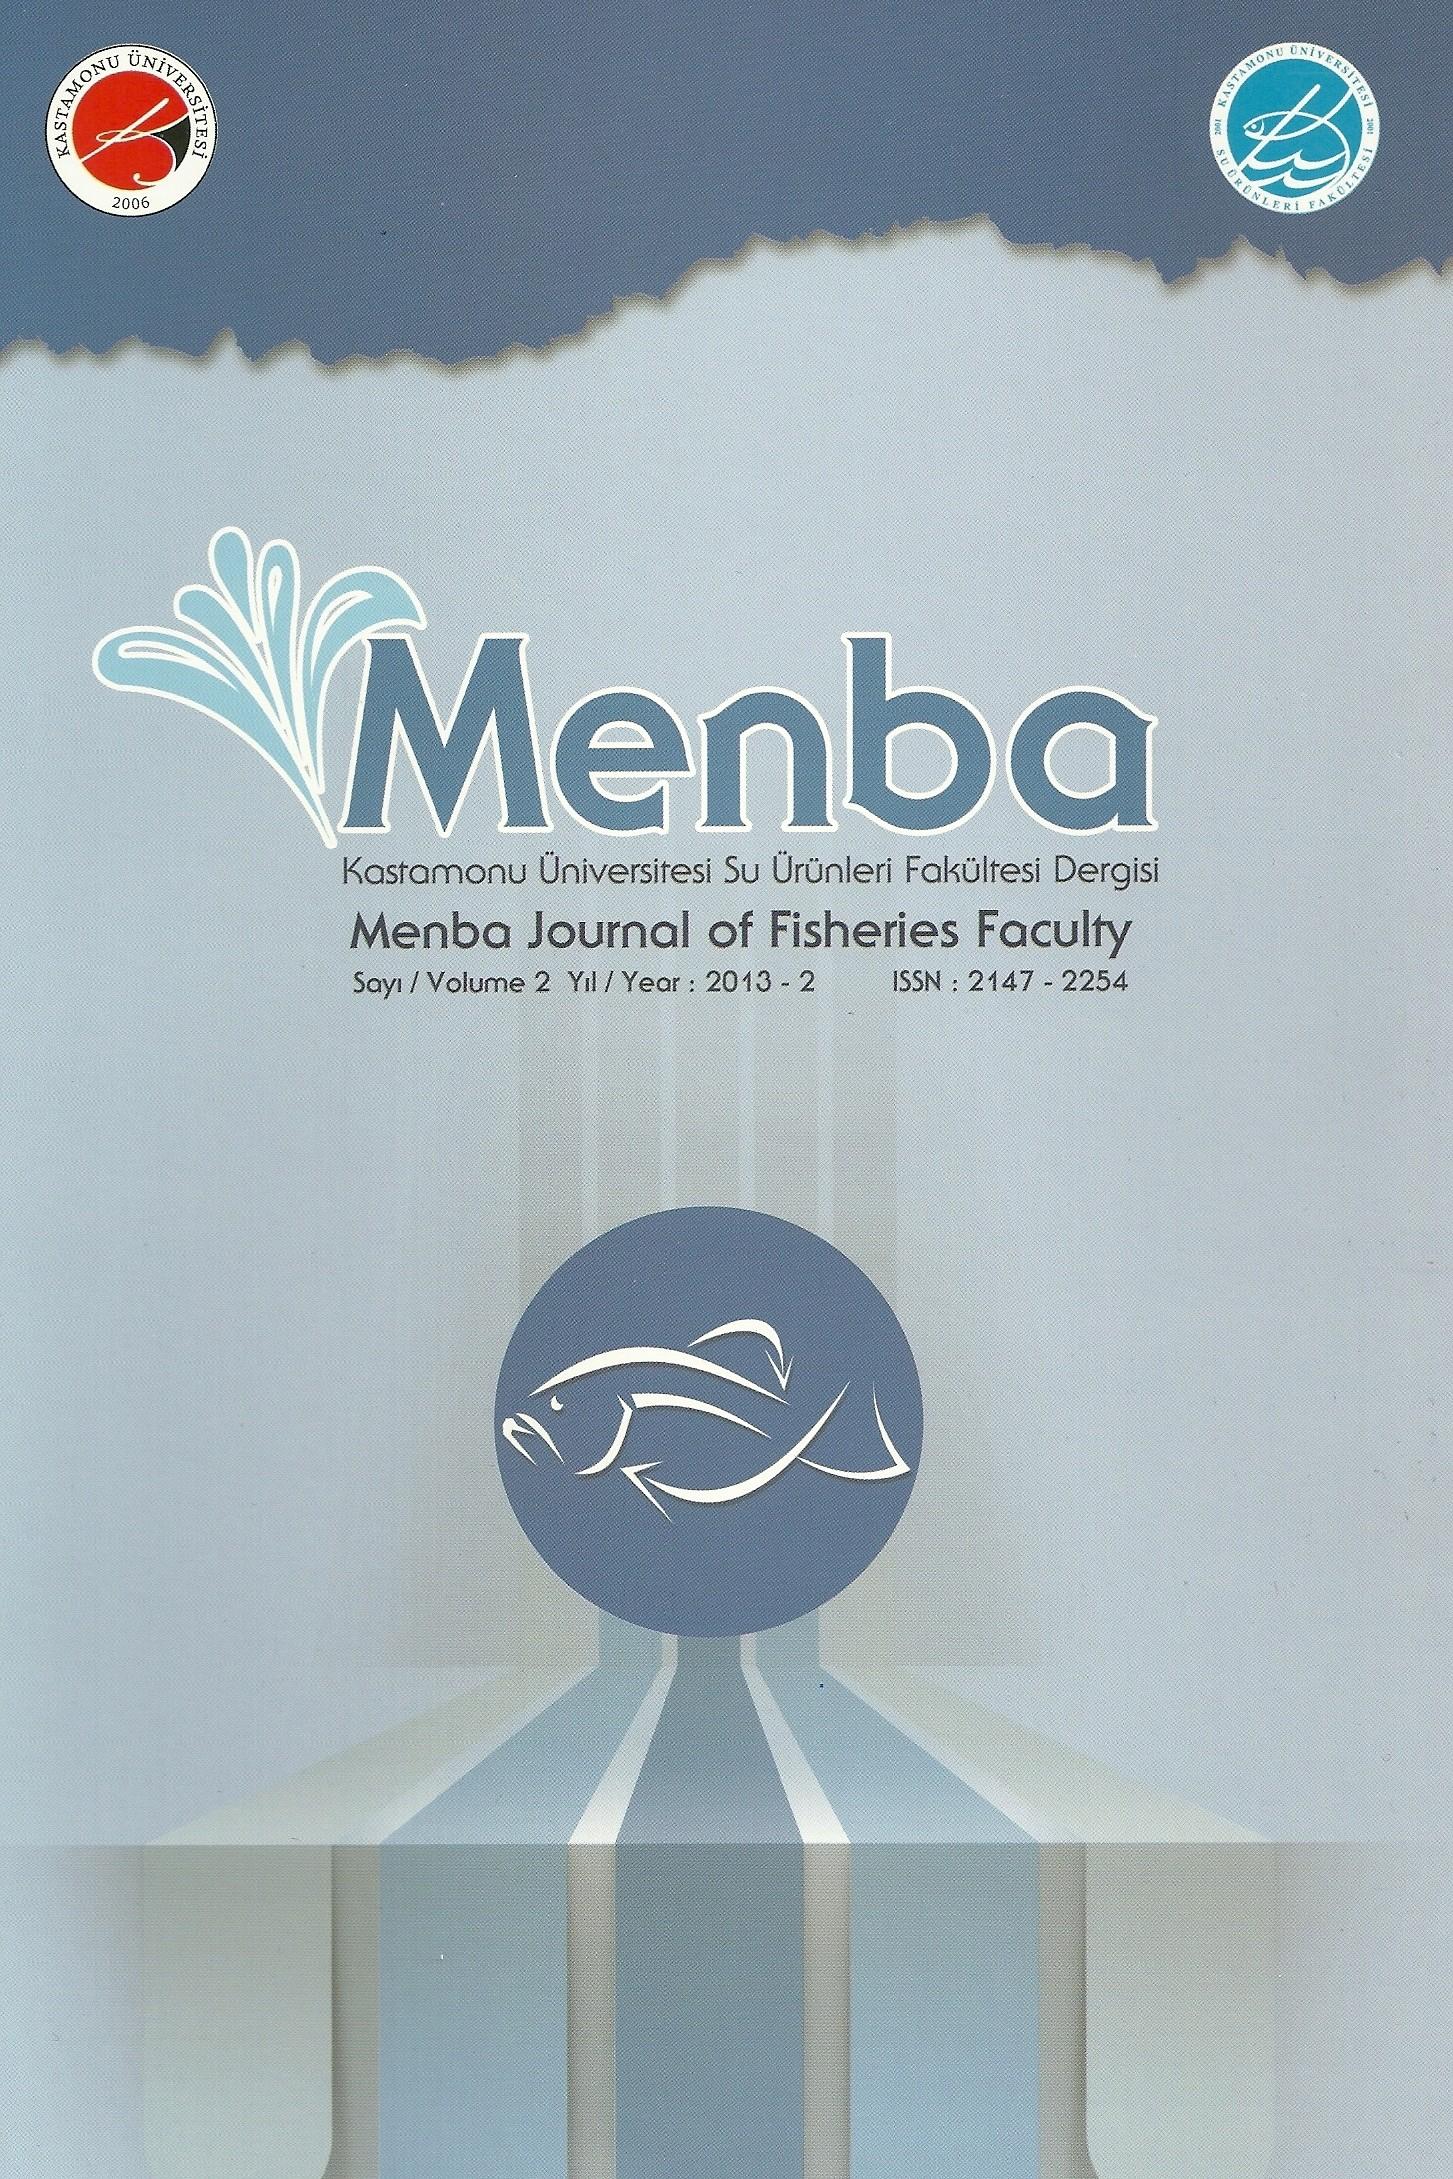 Menba Kastamonu Üniversitesi Su Ürünleri Fakültesi Dergisi